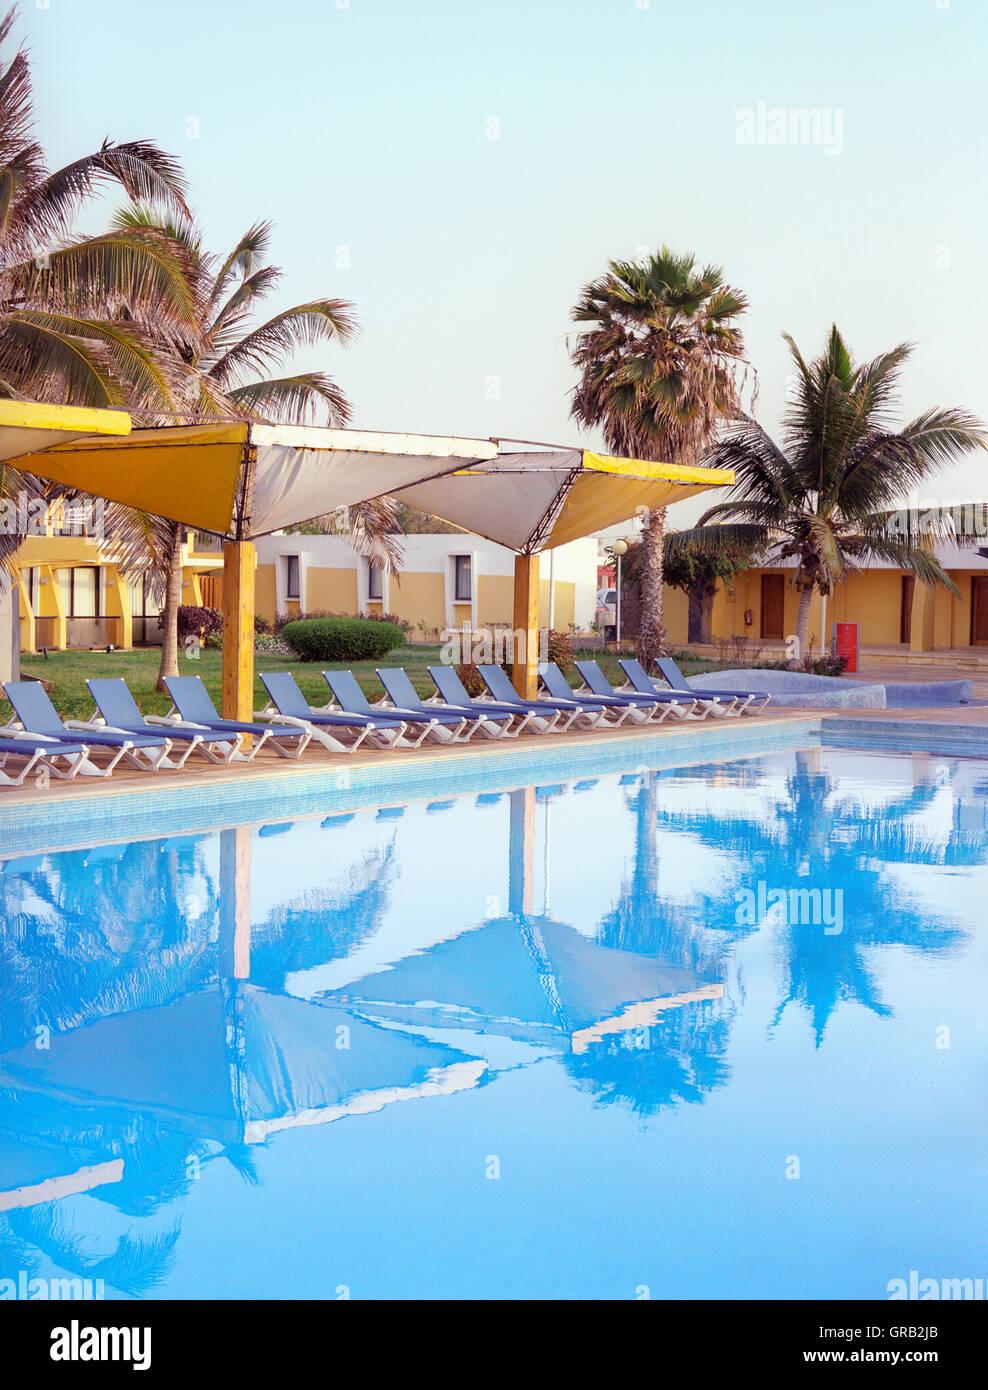 Salida del sol en la piscina principal en el Atlantico Hotel Oasis. Praia, Isla de Santiago, Cabo Verde, África. Imagen De Stock